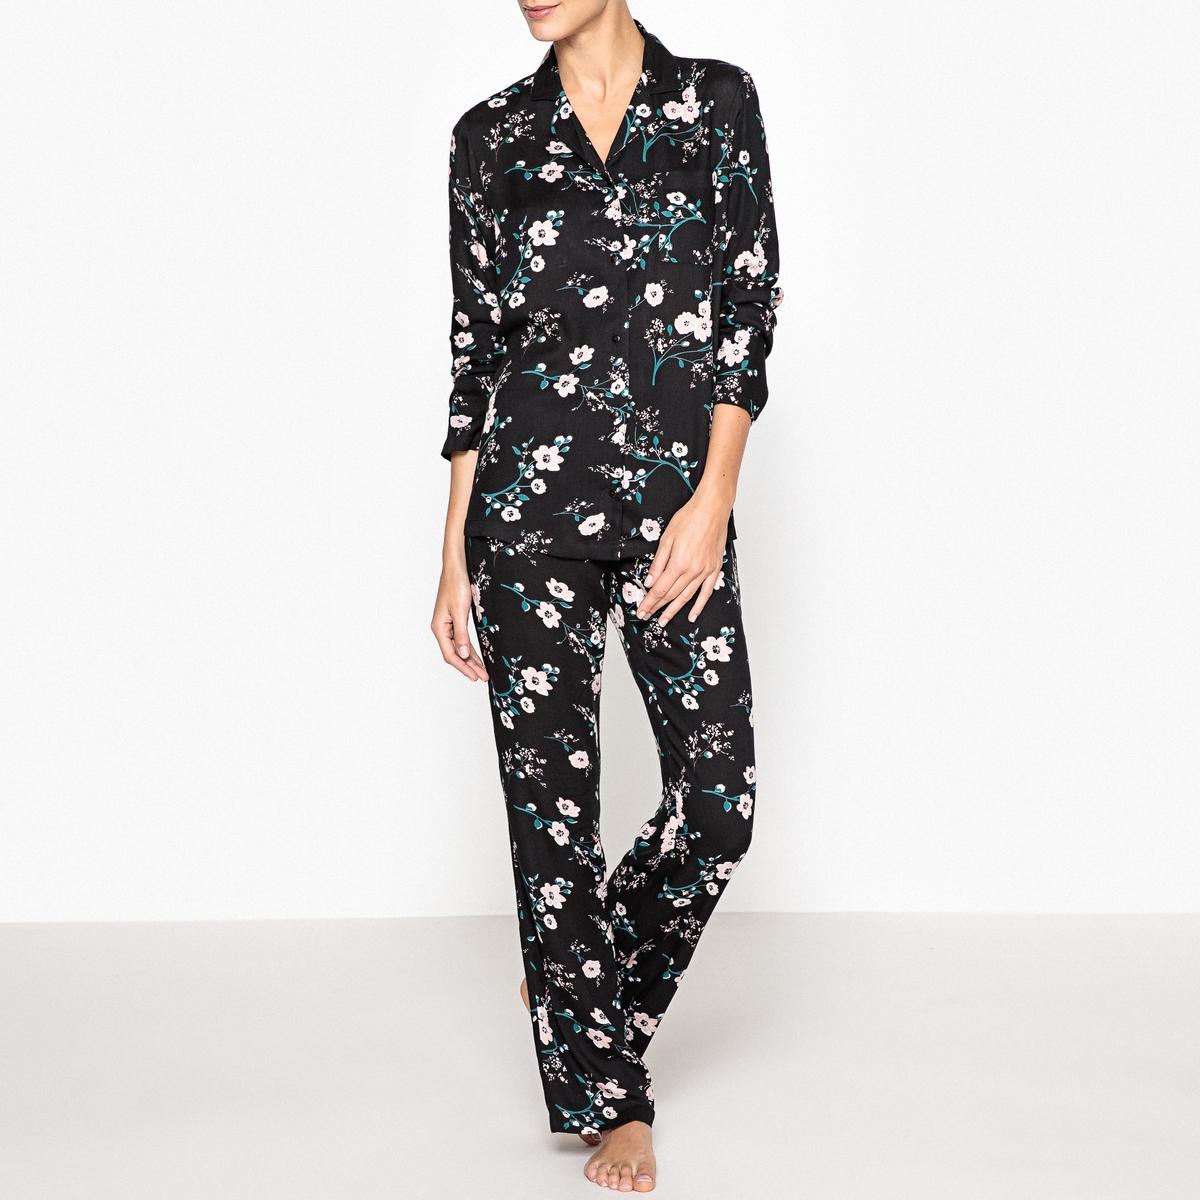 Пижама с цветочным рисункомКрасивая пижама в японском стиле с цветочным рисунком, очень женственная, стильная и современная, покрой в духе прошлых времен. Состав и описаниеПижама прямого покроя.Низ с карманами и эластичным поясом. Материал : 100% вискозаДлина : Длина по внутр.шву: 76 смРубашка: 68 смУход : Стирать при 30° с вещами схожих цветовСтирка и глажка с изнаночной стороныМашинная сушка запрещена<br><br>Цвет: черный/в цветочек<br>Размер: 52 (FR) - 58 (RUS).44 (FR) - 50 (RUS).42 (FR) - 48 (RUS).40 (FR) - 46 (RUS).38 (FR) - 44 (RUS).46 (FR) - 52 (RUS)